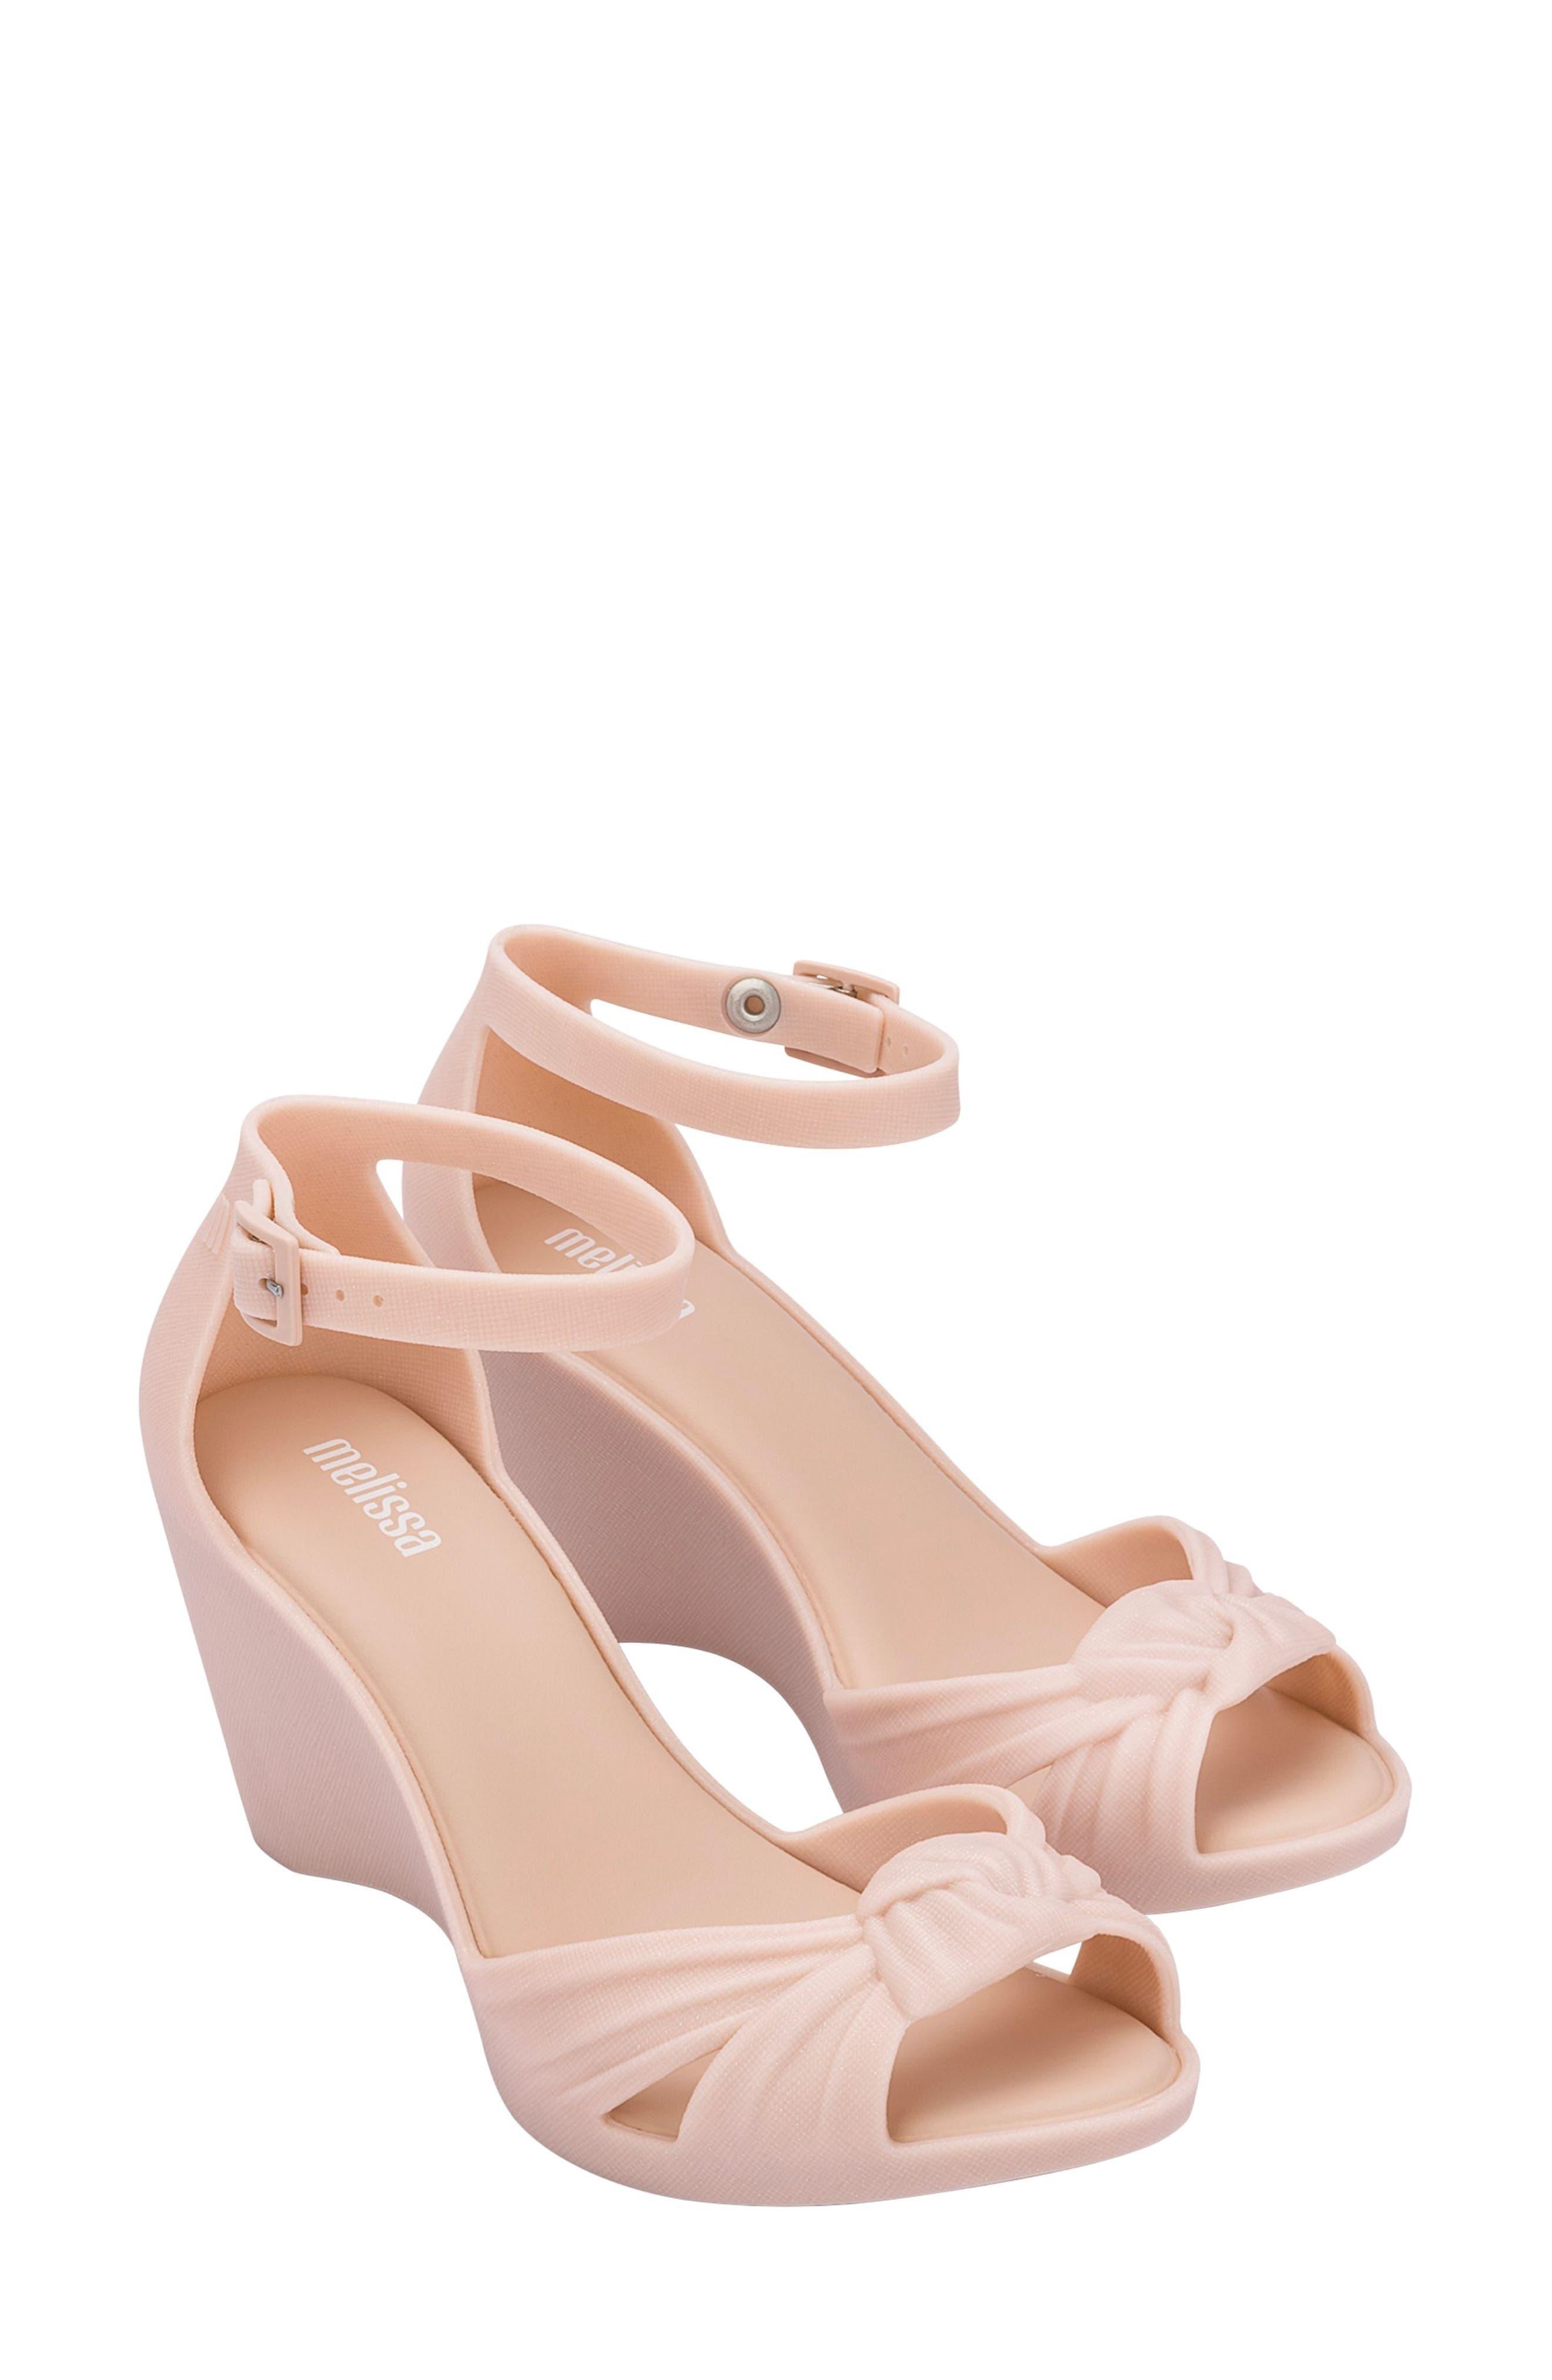 Velvet Ankle Strap Wedge Sandal